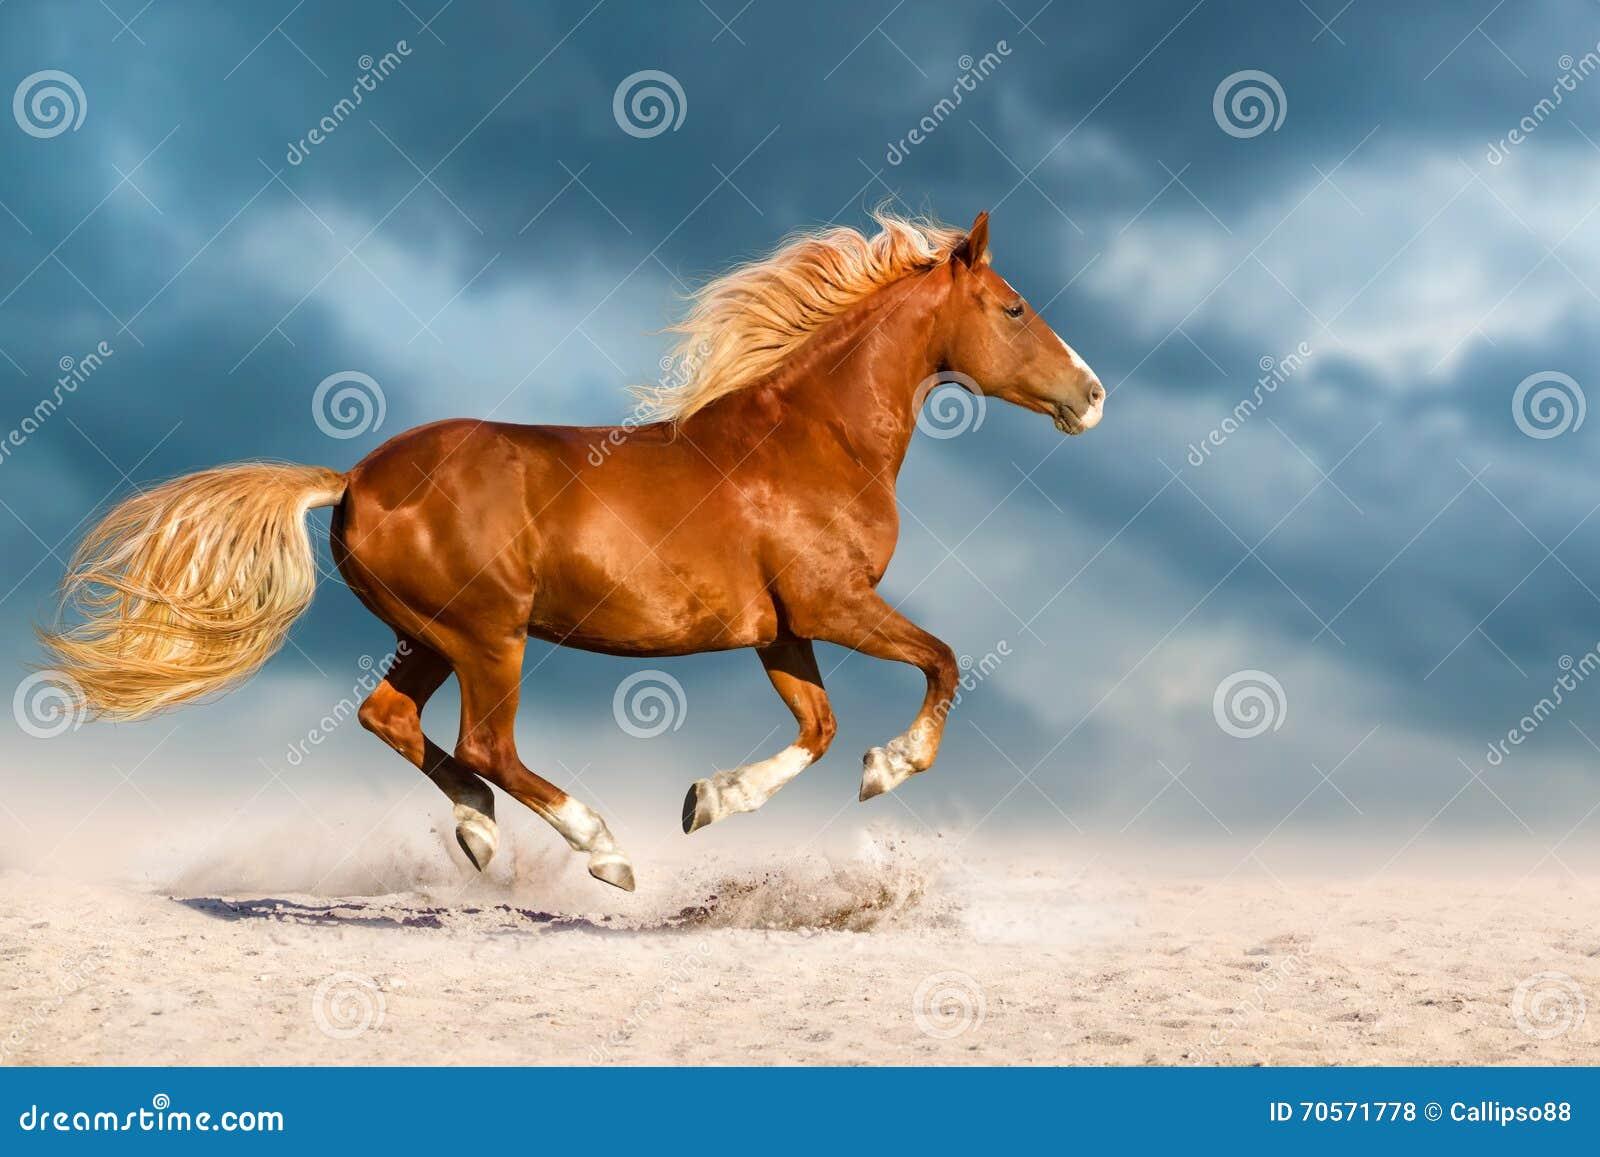 Cheval rouge couru dans le désert